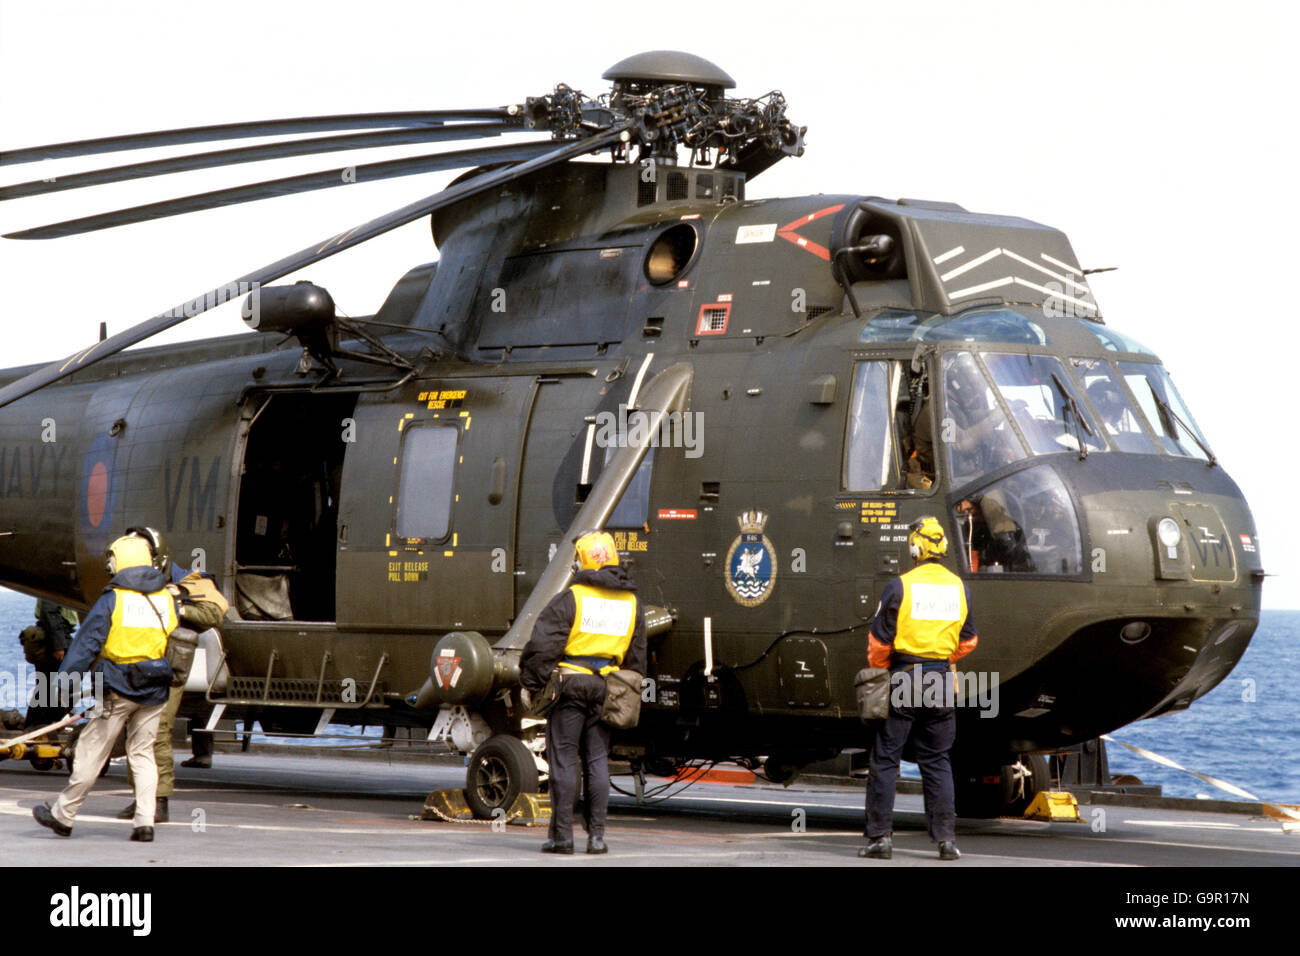 Image result for Falkland war sea king